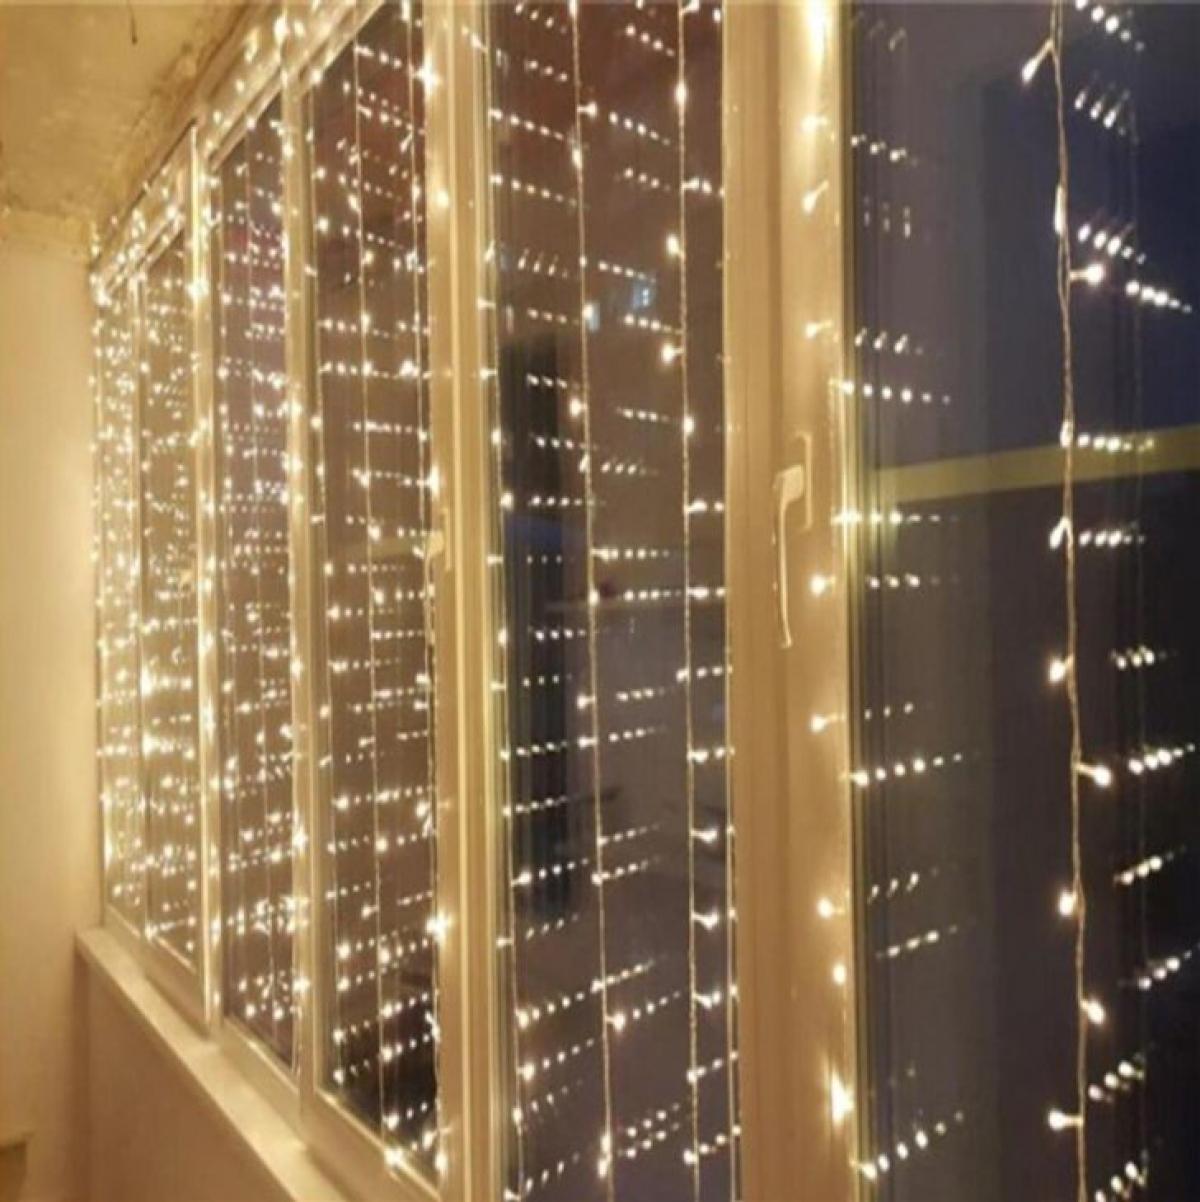 Đèn dây: Ai nói rằng bạn chỉ có thể trang trí cửa sổ bằng đèn dây vào Giáng sinh? Trên thực tế, cửa sổ được trang trí bằng đèn sẽ làm bạn vô cùng hài lòng ở bất kỳ thời điểm nào của năm. Bạn có thể chọn màu sắc, độ sáng, độ dài hoặc số lượng dây theo sở thích của mình.